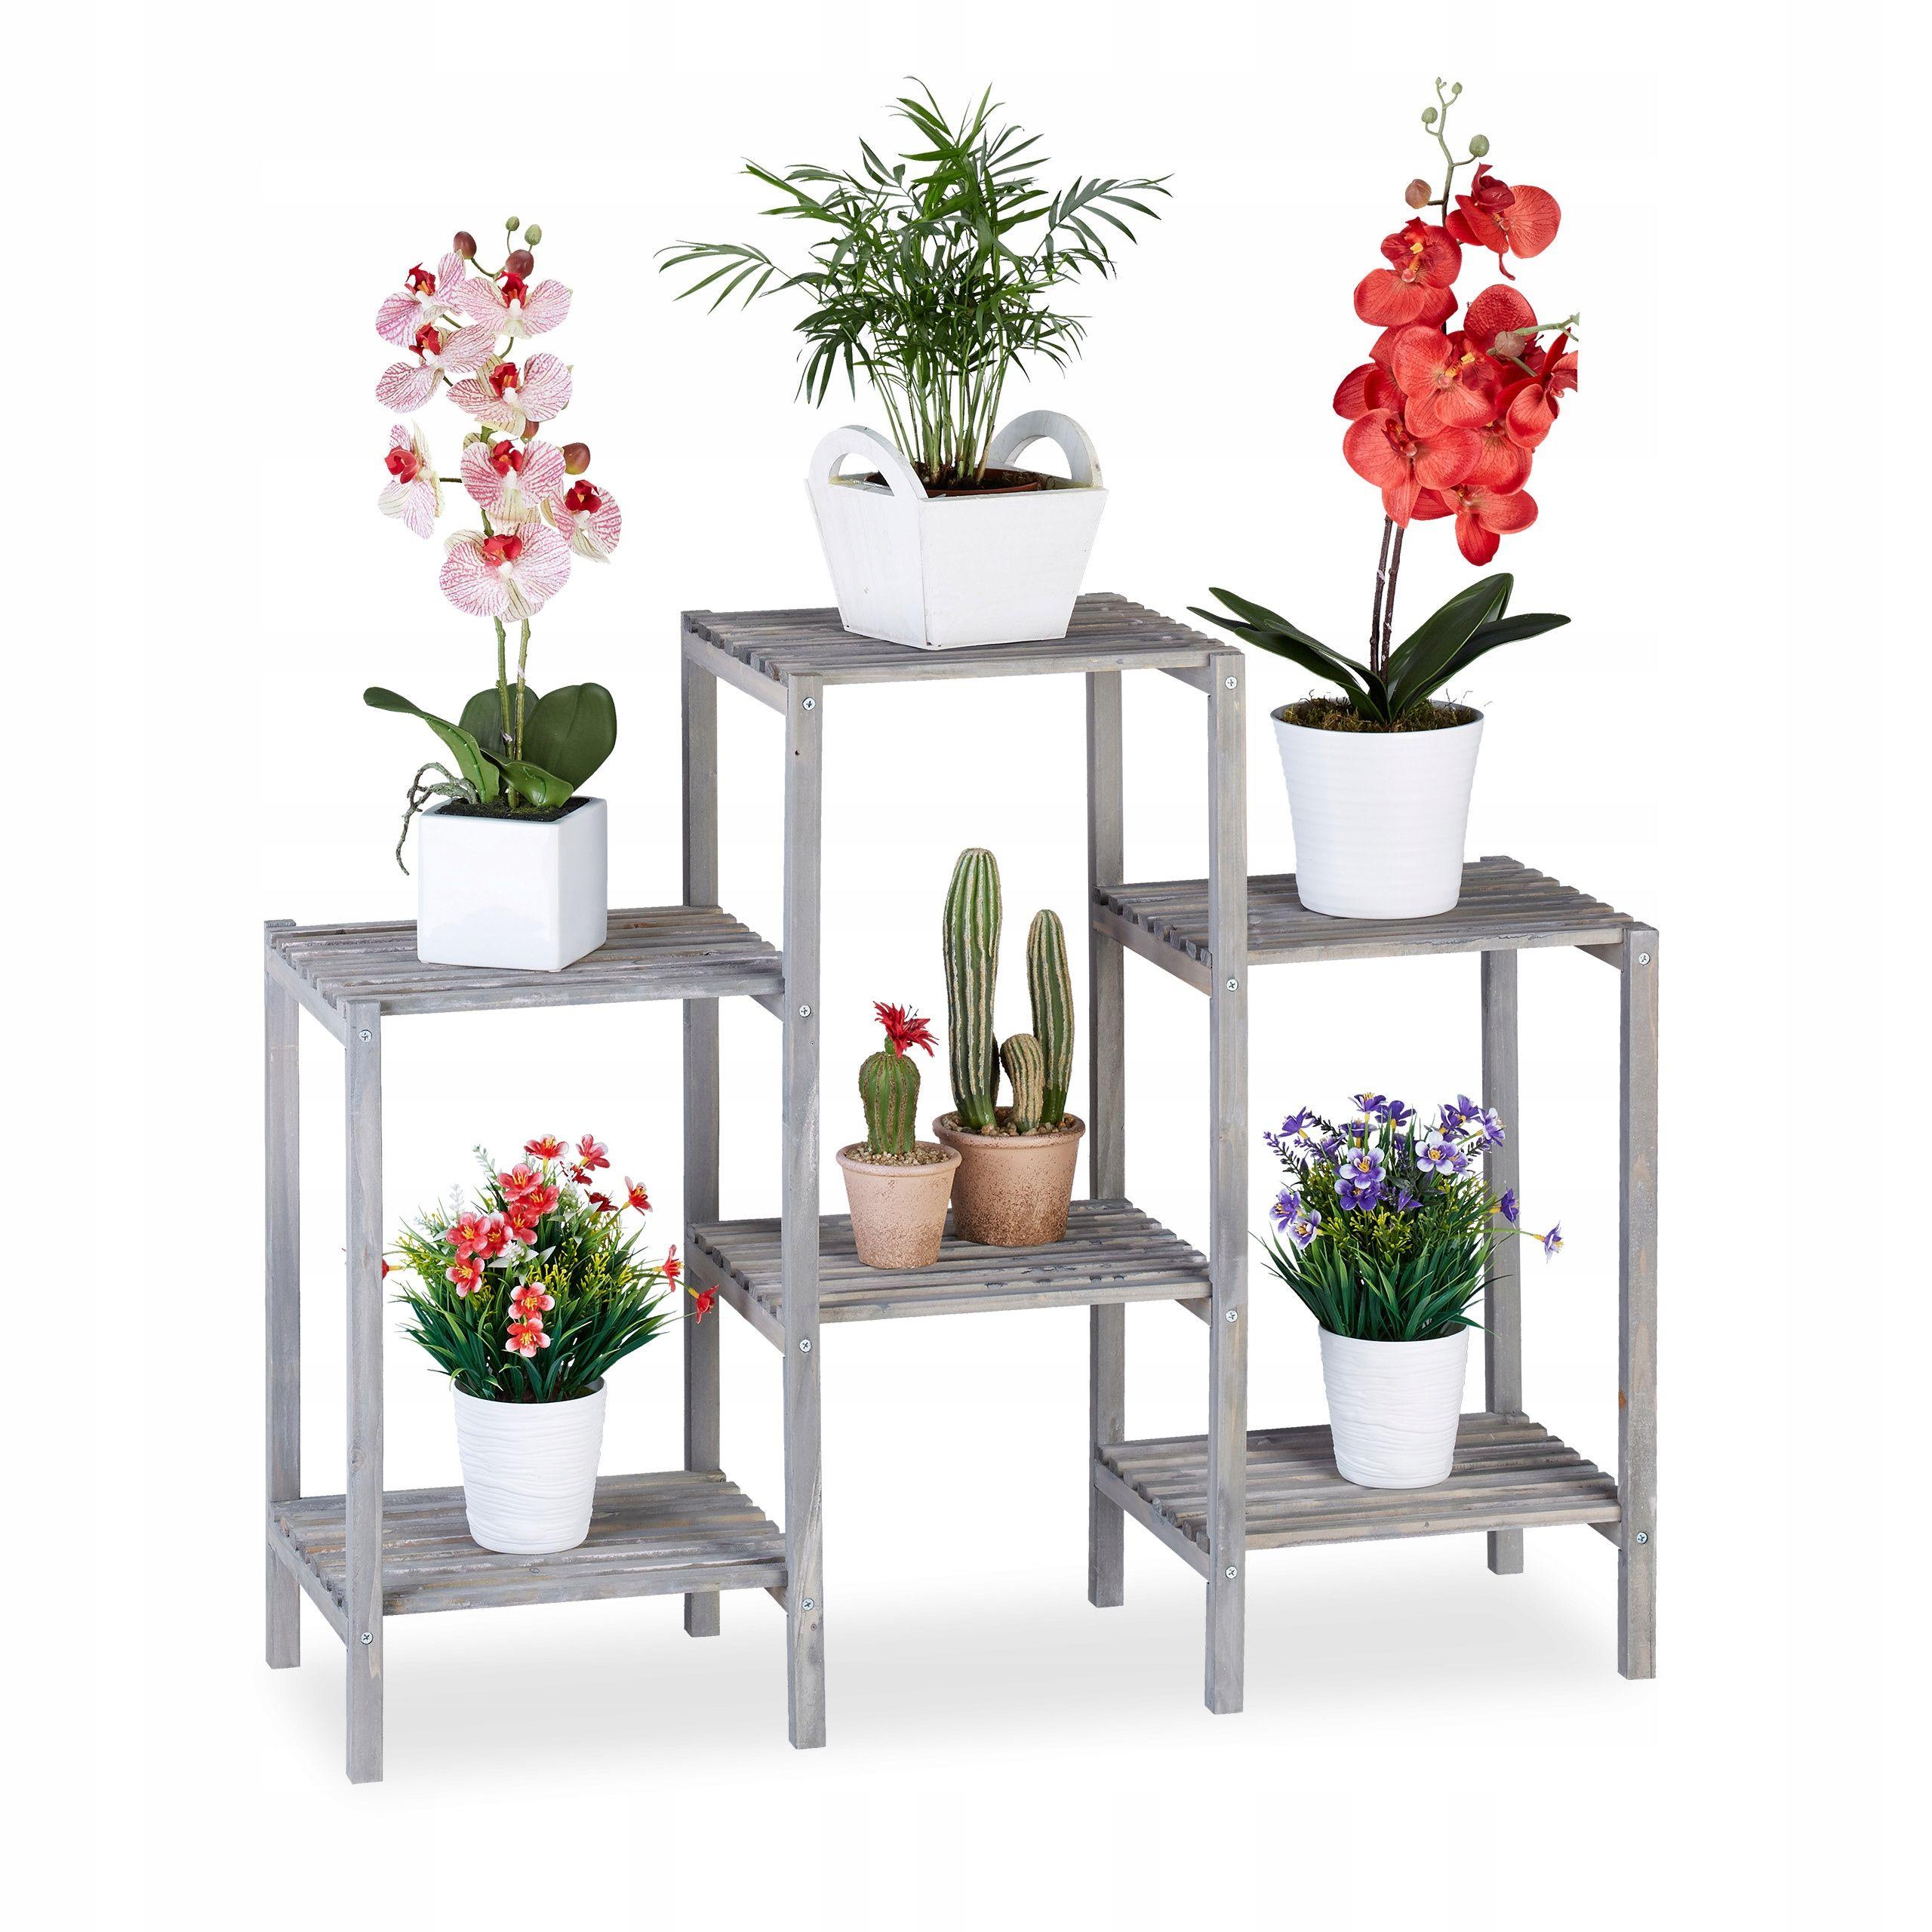 Kwietnik Stojak Na Kwiaty Doniczki Regal 6 Polek Plant Stand Wooden Flowers Kitchen Plants